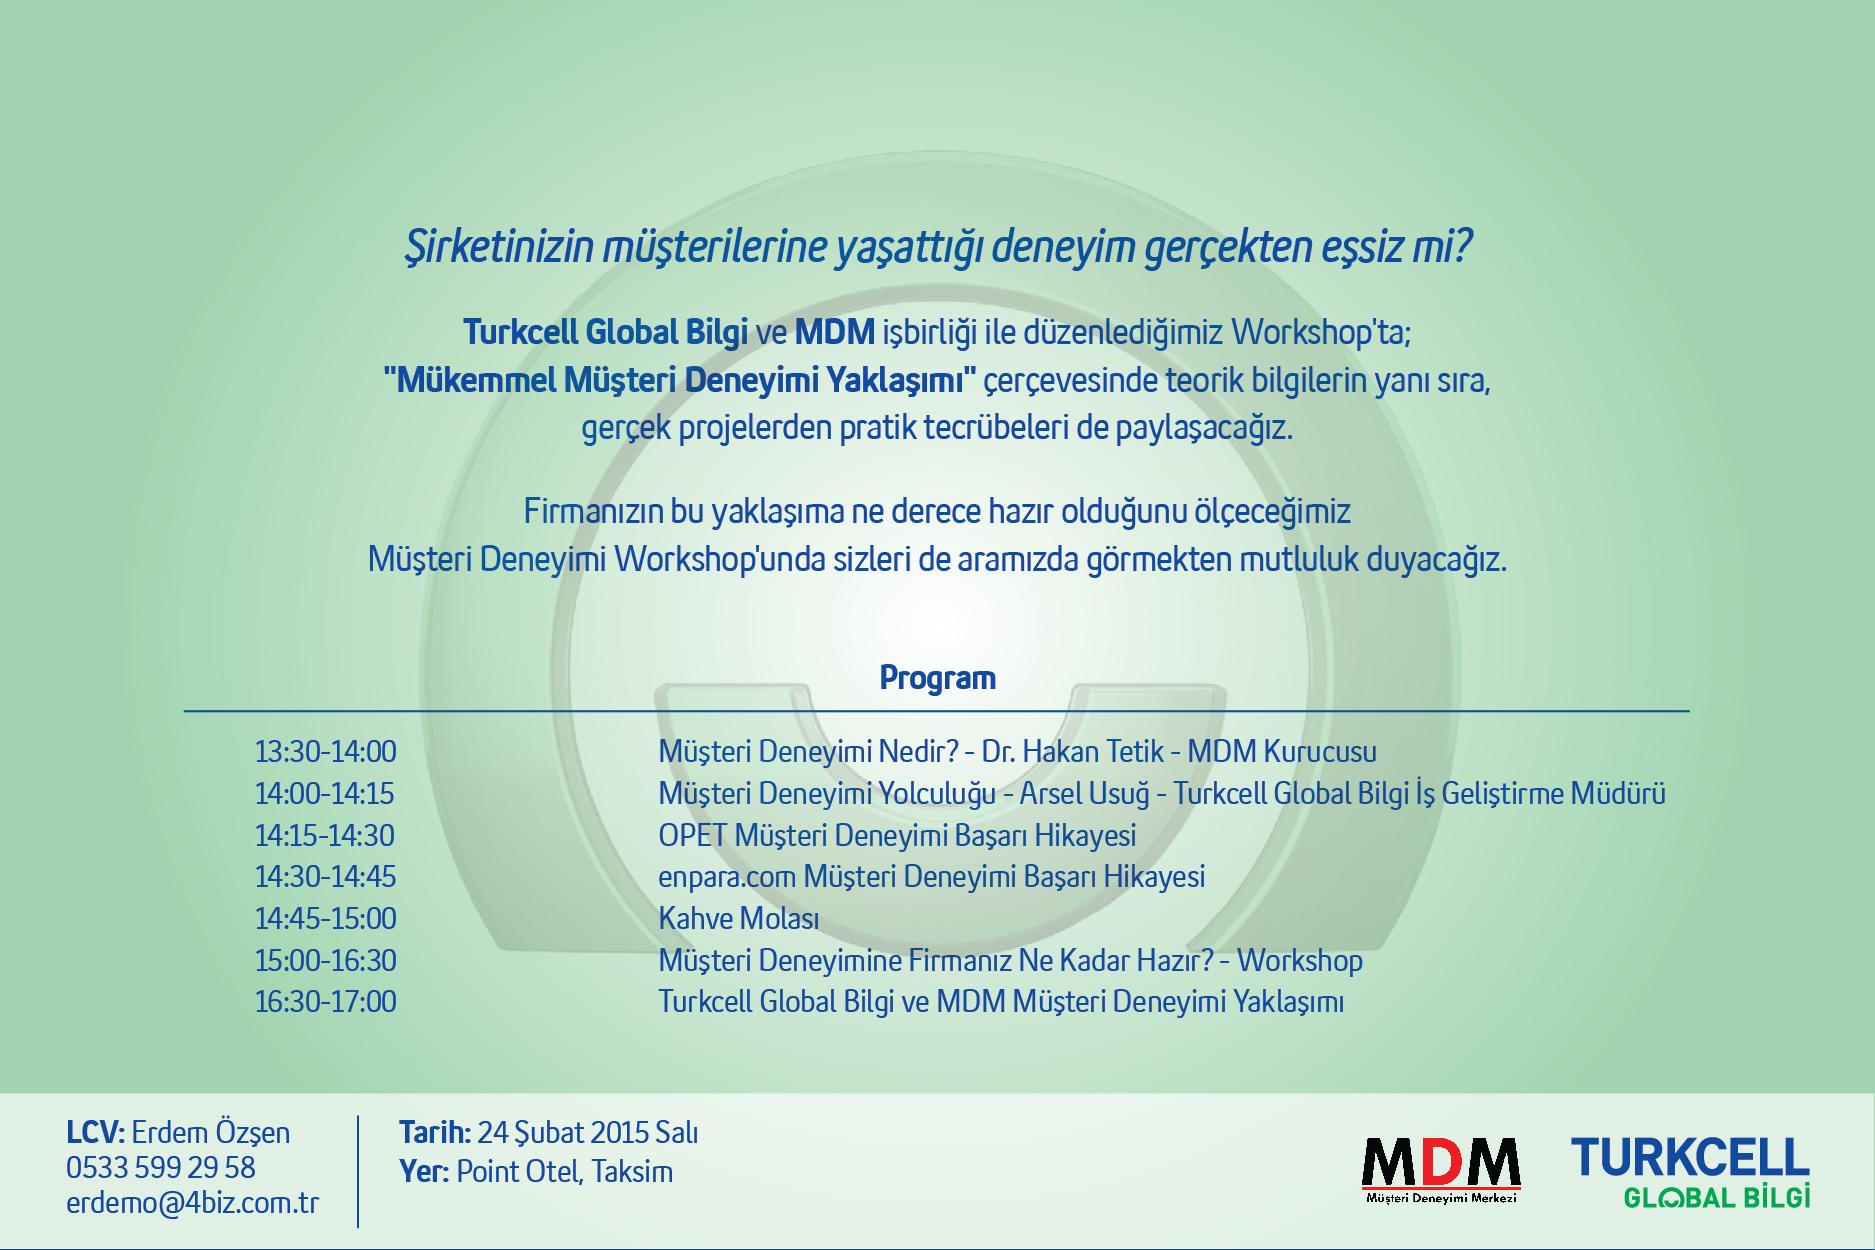 musteri_deneyimi_workshop_ERDEM_ÖZŞEN